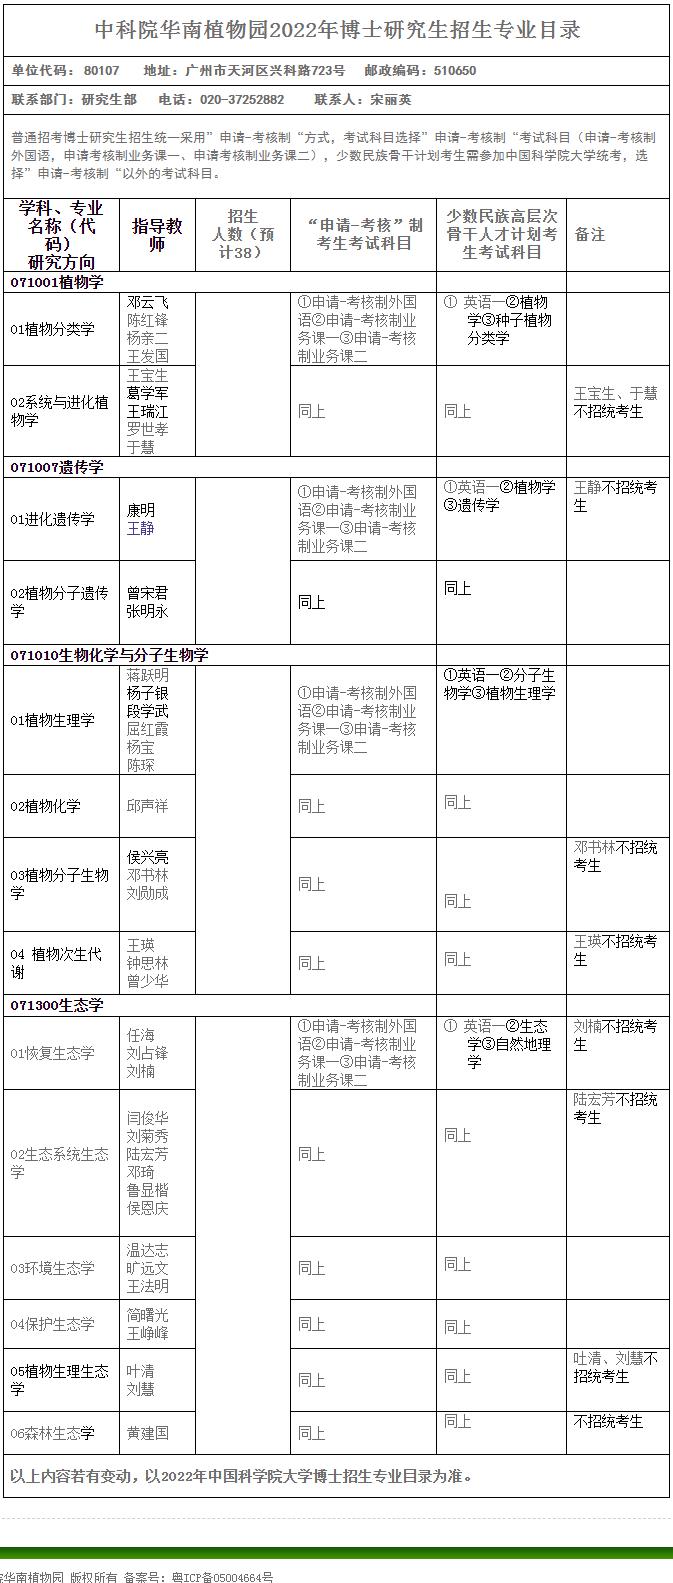 中国科学院华南植物园2022年博士研究生招生专业目录